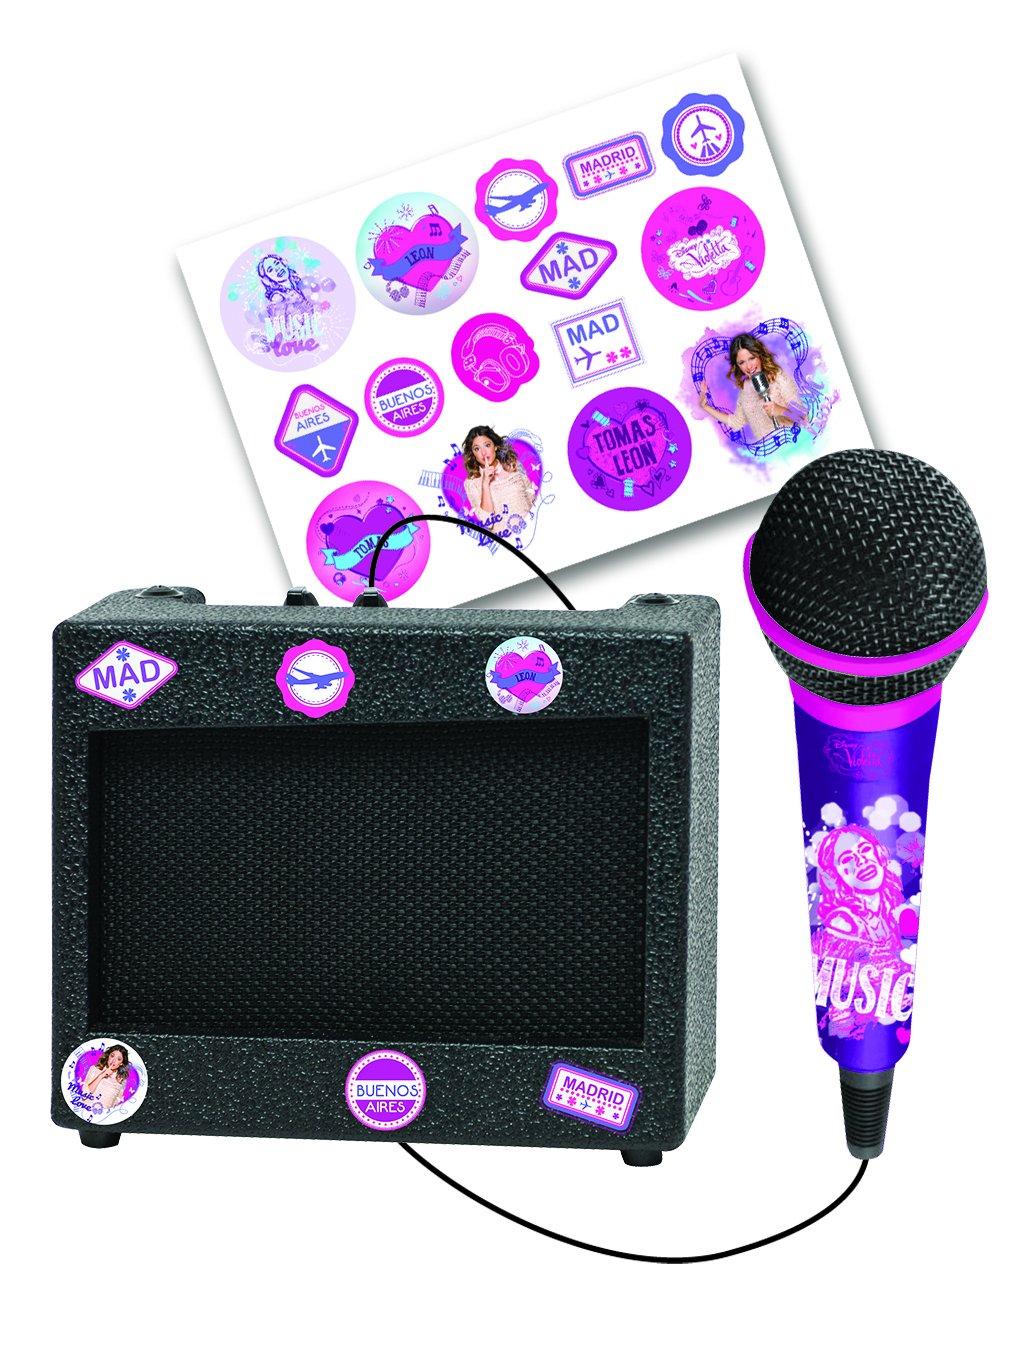 Violetta - Altavoz Portátil Con Micrófono (Lexibook K900VI)